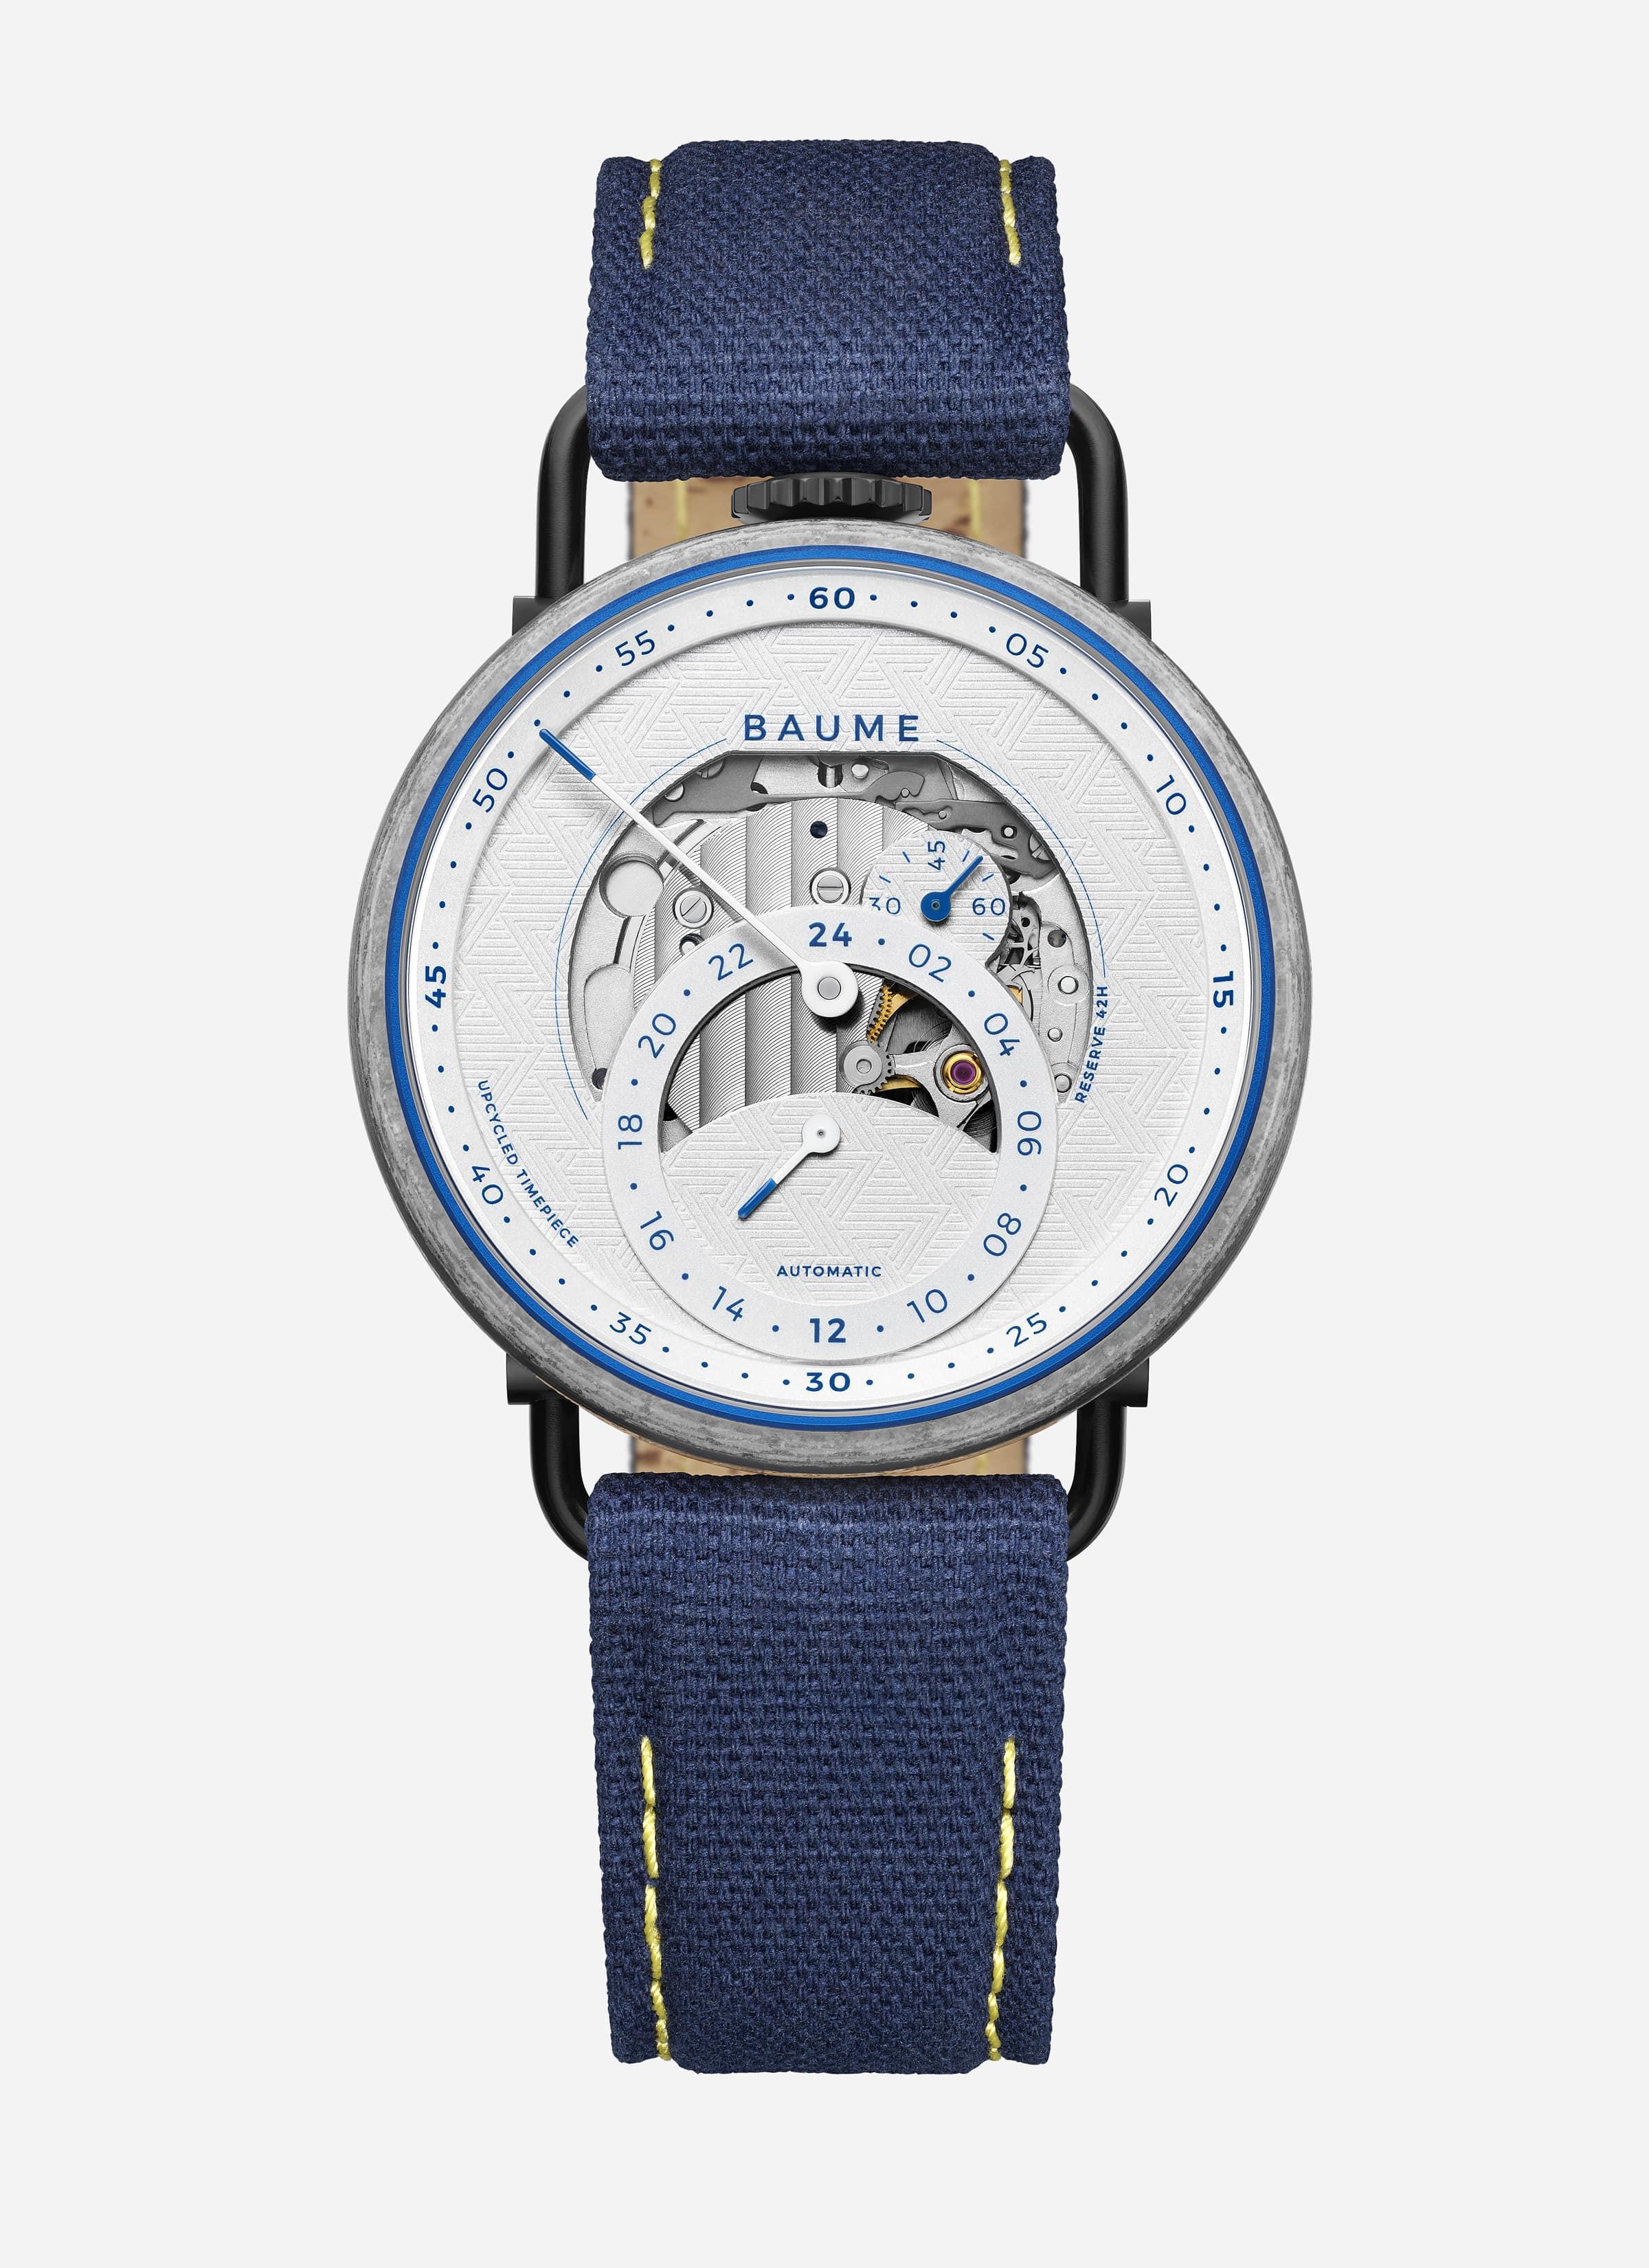 La montre Baume x Zag limited edition, modèle bleu.